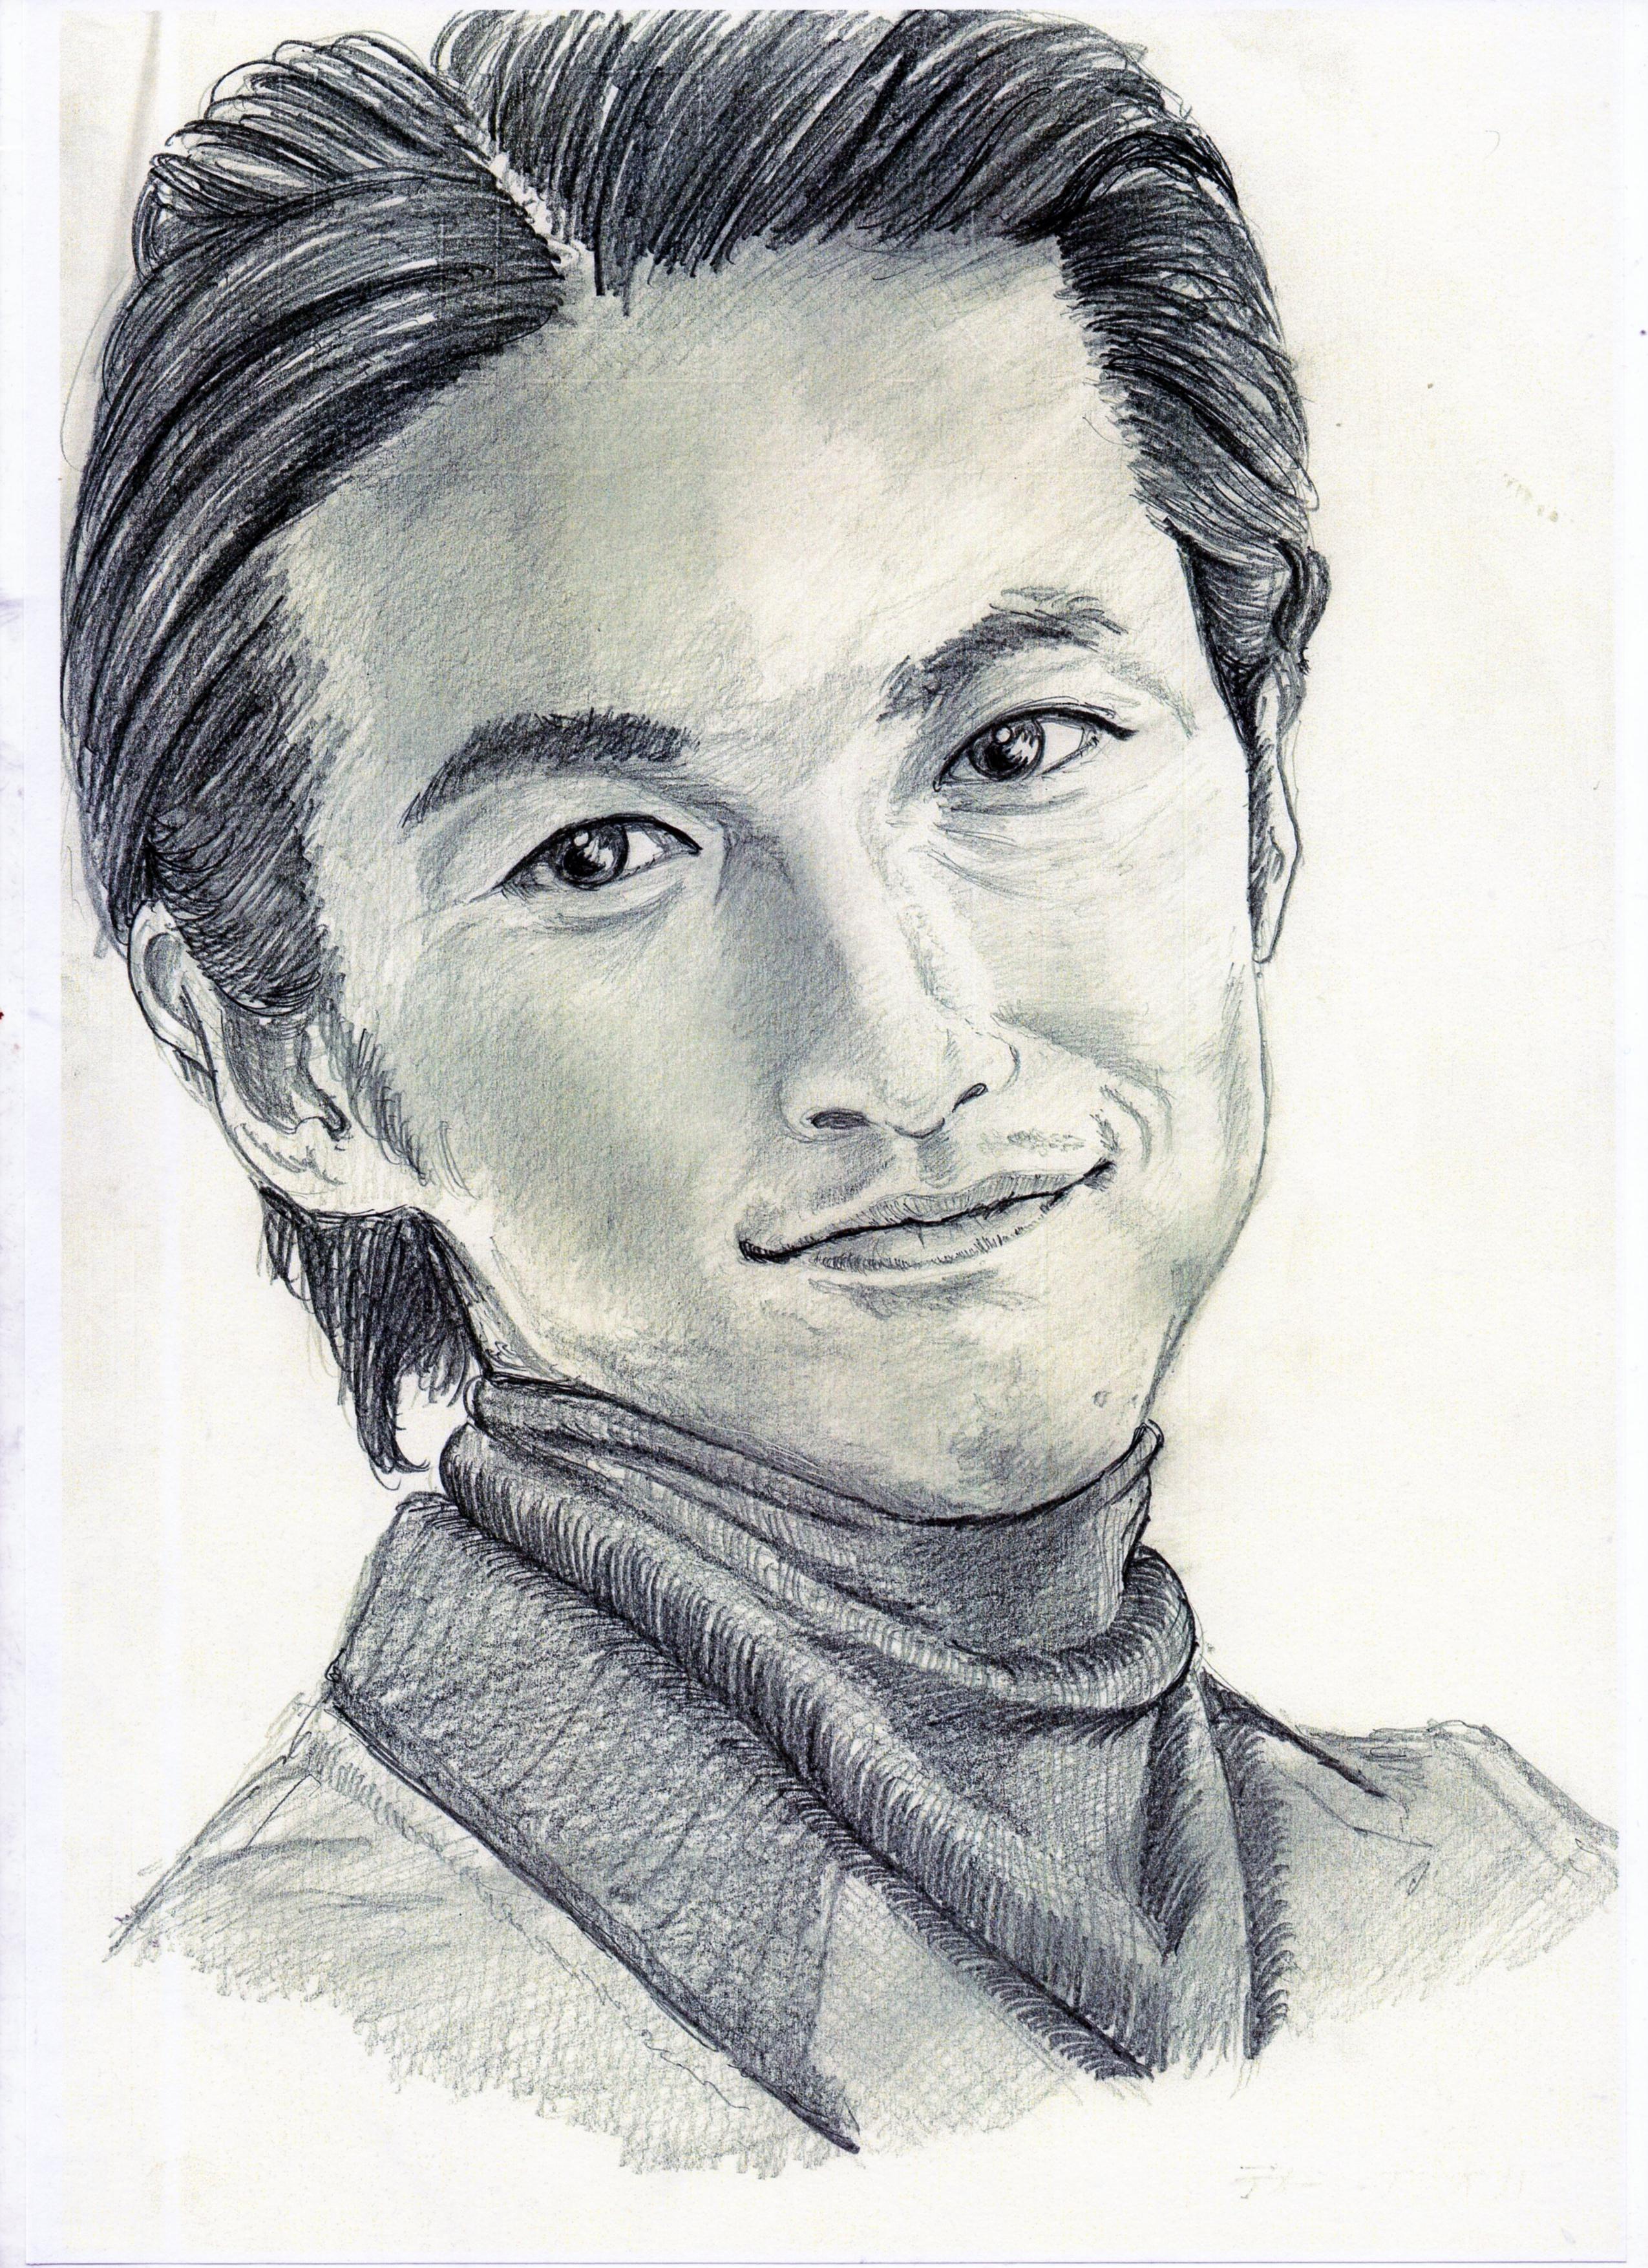 ディーン・フジオカの鉛筆画似顔絵、ディーン・フジオカのリアル鉛筆画似顔絵